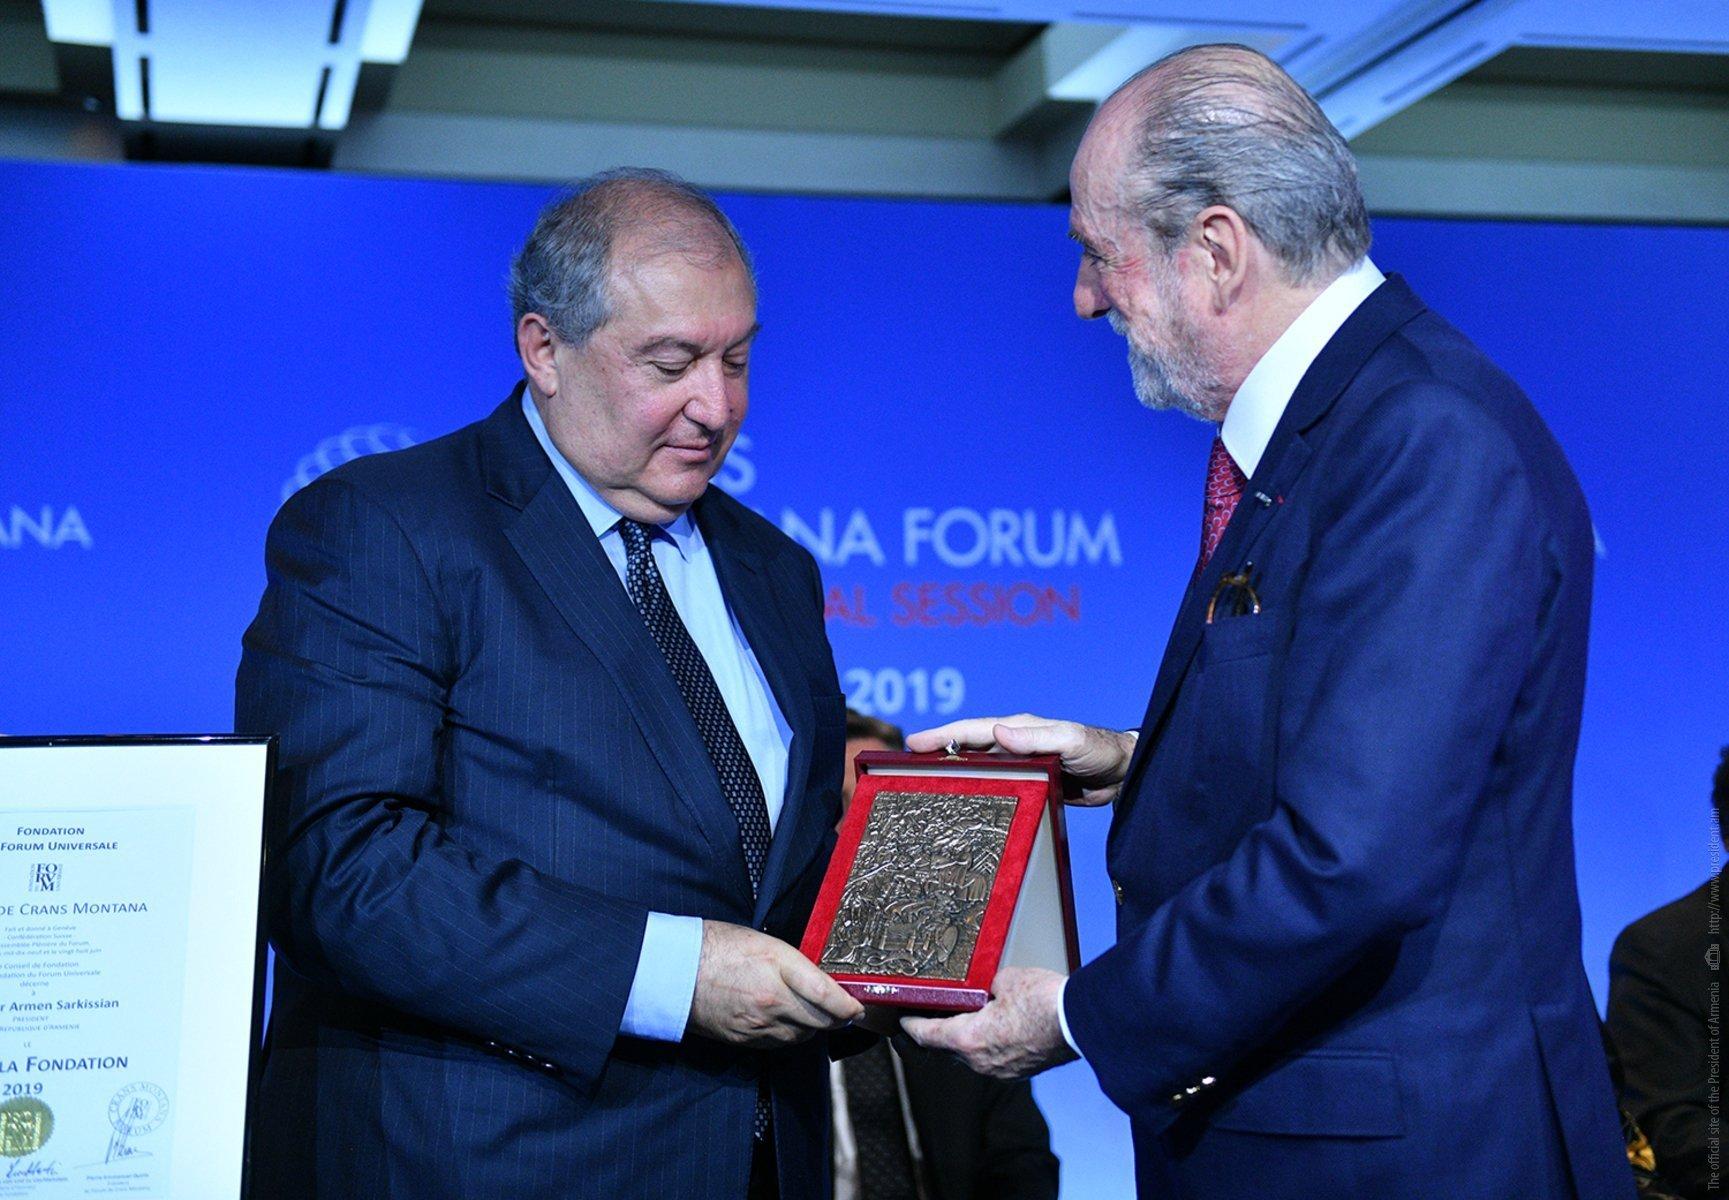 Արմեն Սարգսյանն արժանացել է Crans Montana ֆորումի մրցանակին